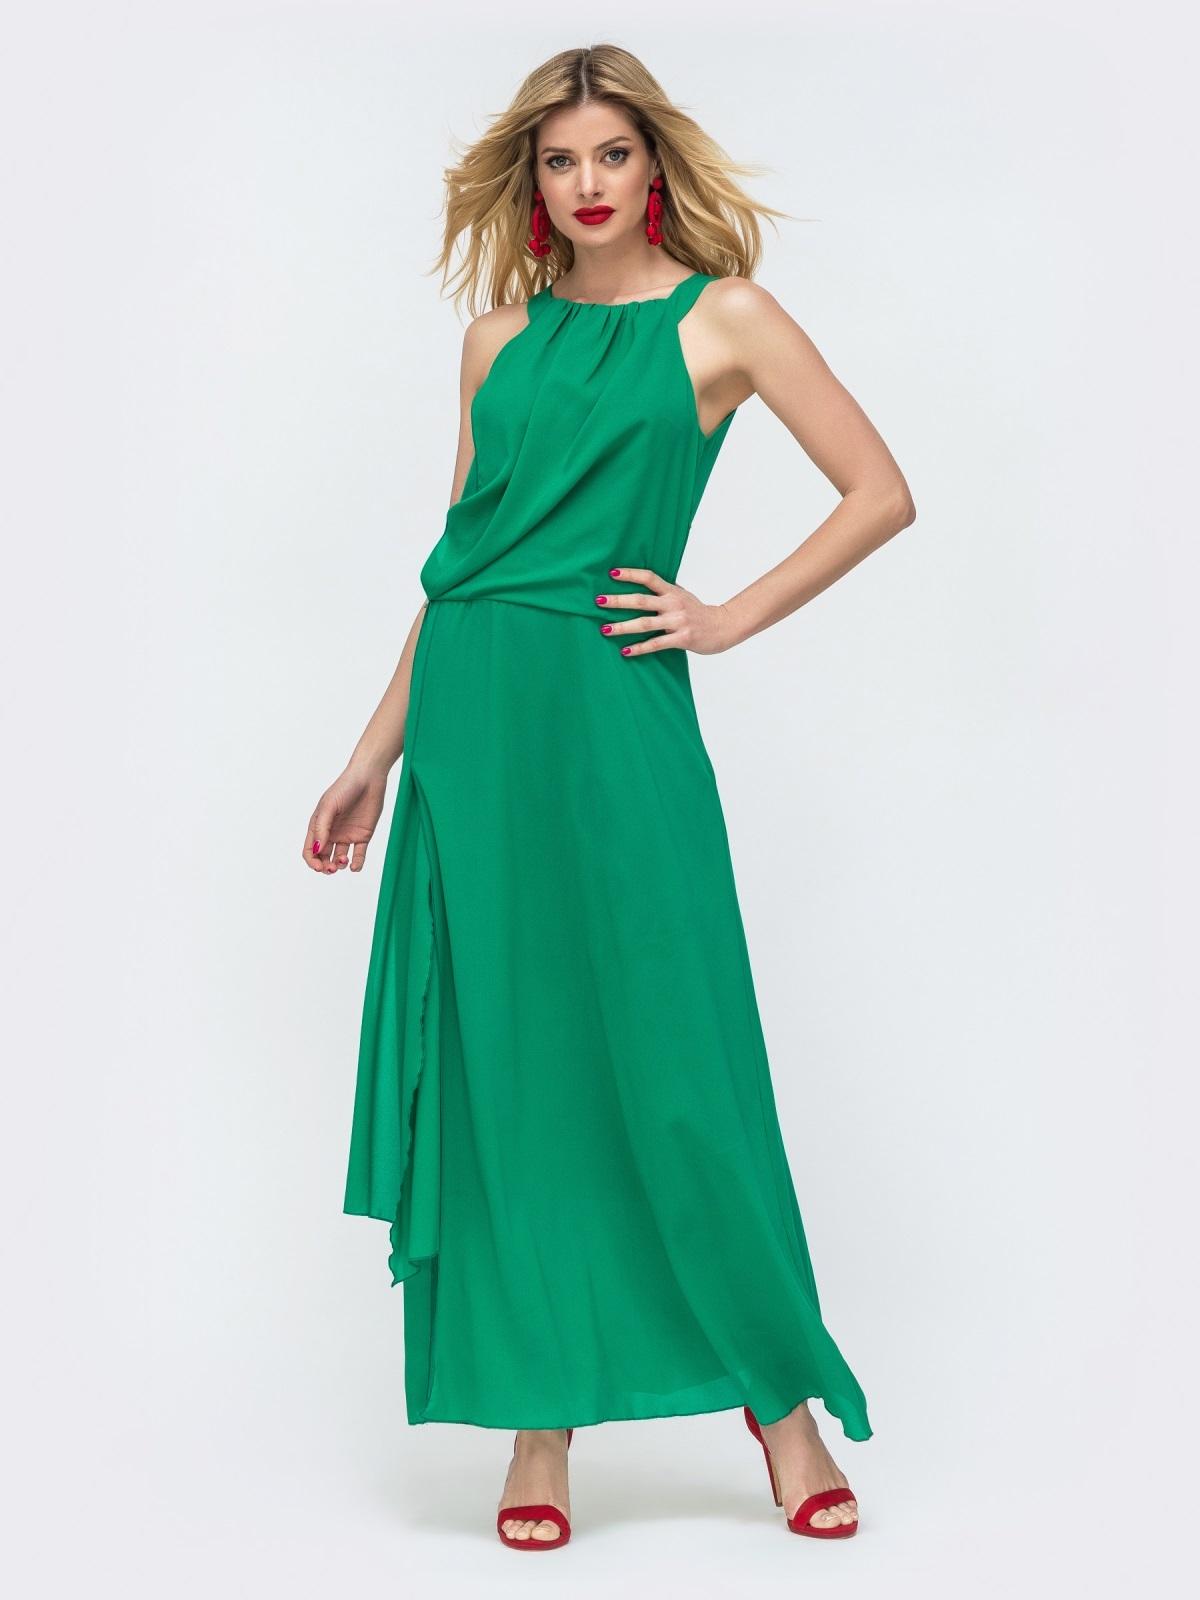 Зеленое платье-макси с американской проймой и разрезами по бокам 46717, фото 1